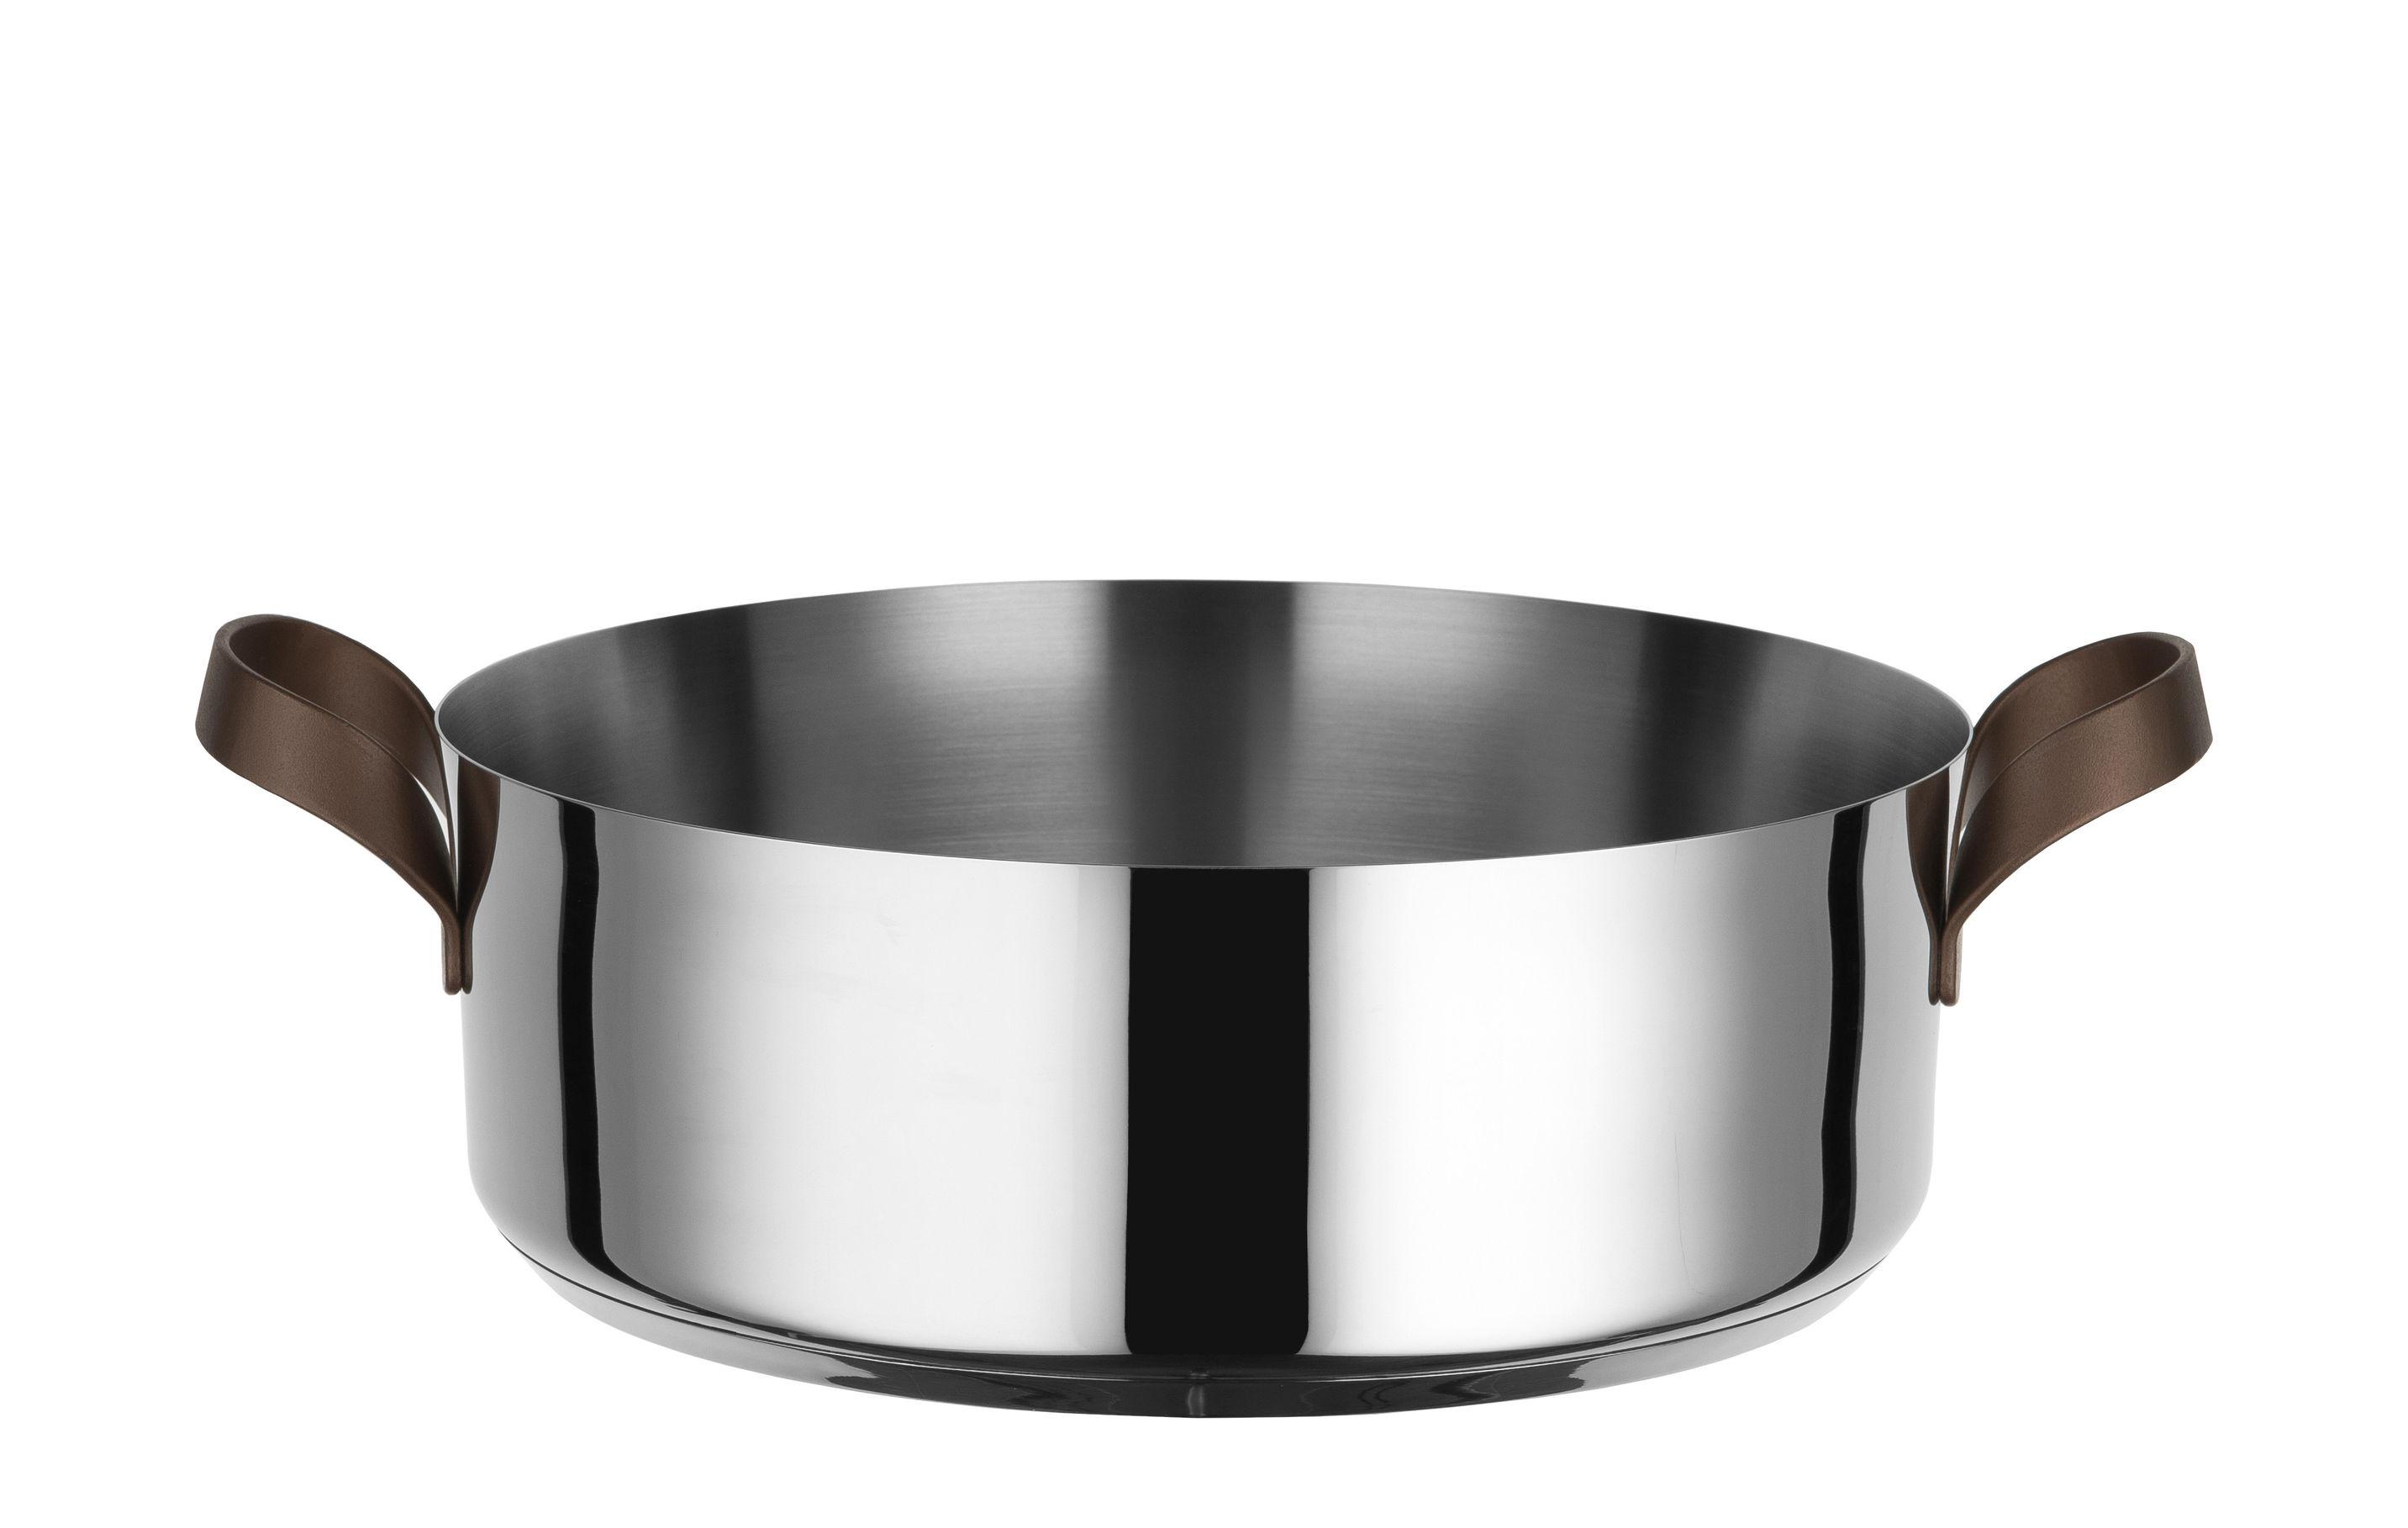 Cucina - Pentole, Padelle e Casseruole - Casseruola conica Edo - / H 10 cm - 3,25 L di Alessi - Acciaio / Manici marrone - Acciaio inox 18/10